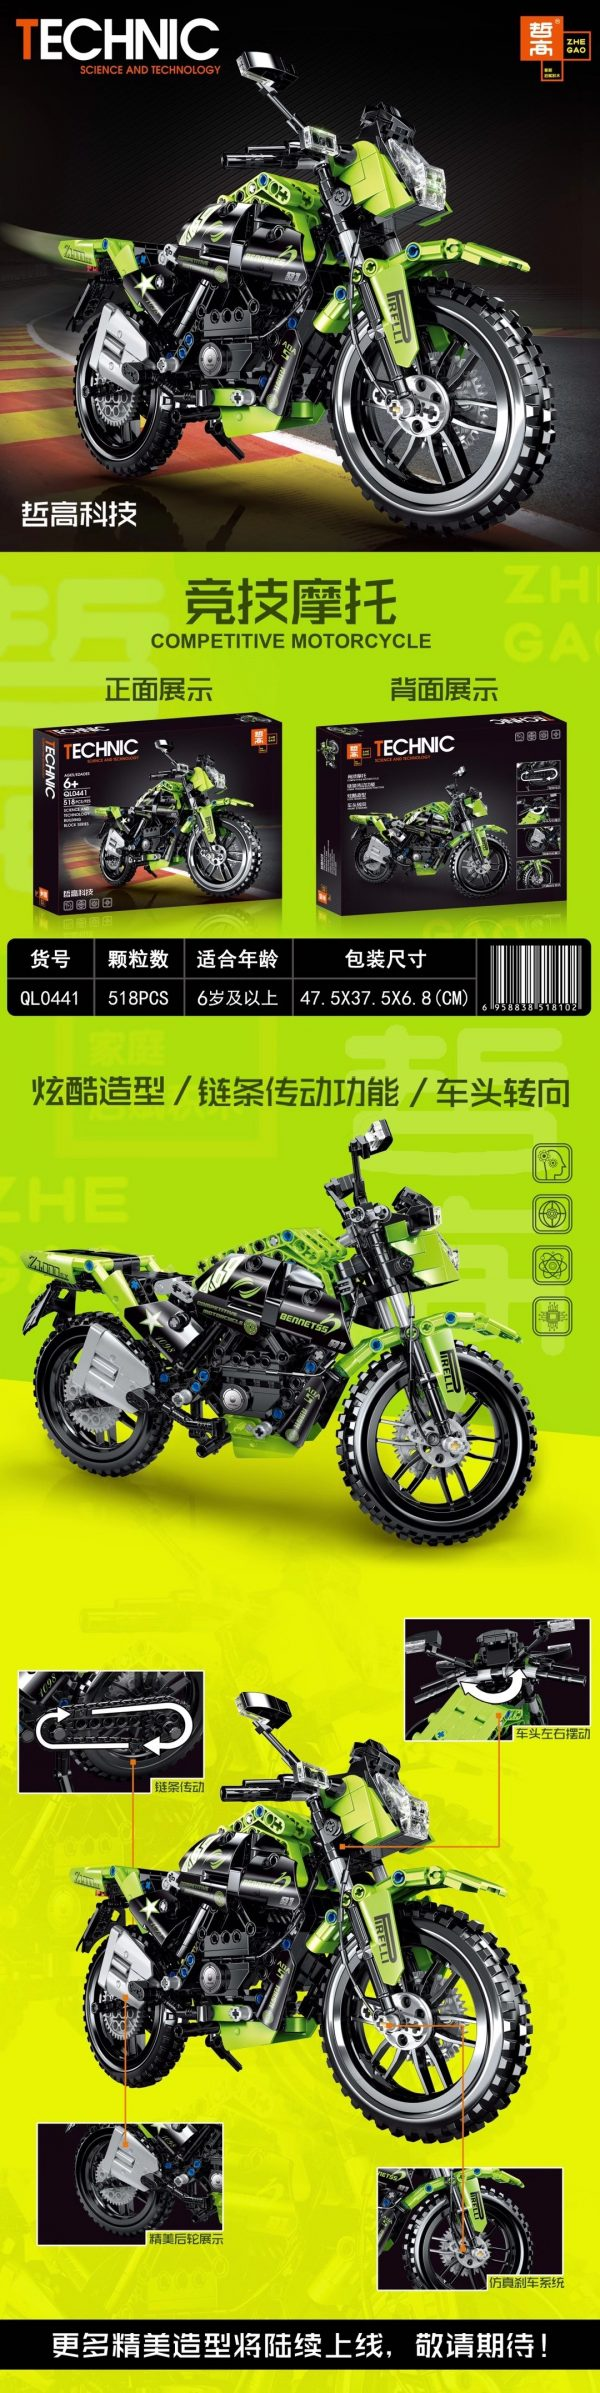 ZHEGAO QL0441 Racing motorcycle 0